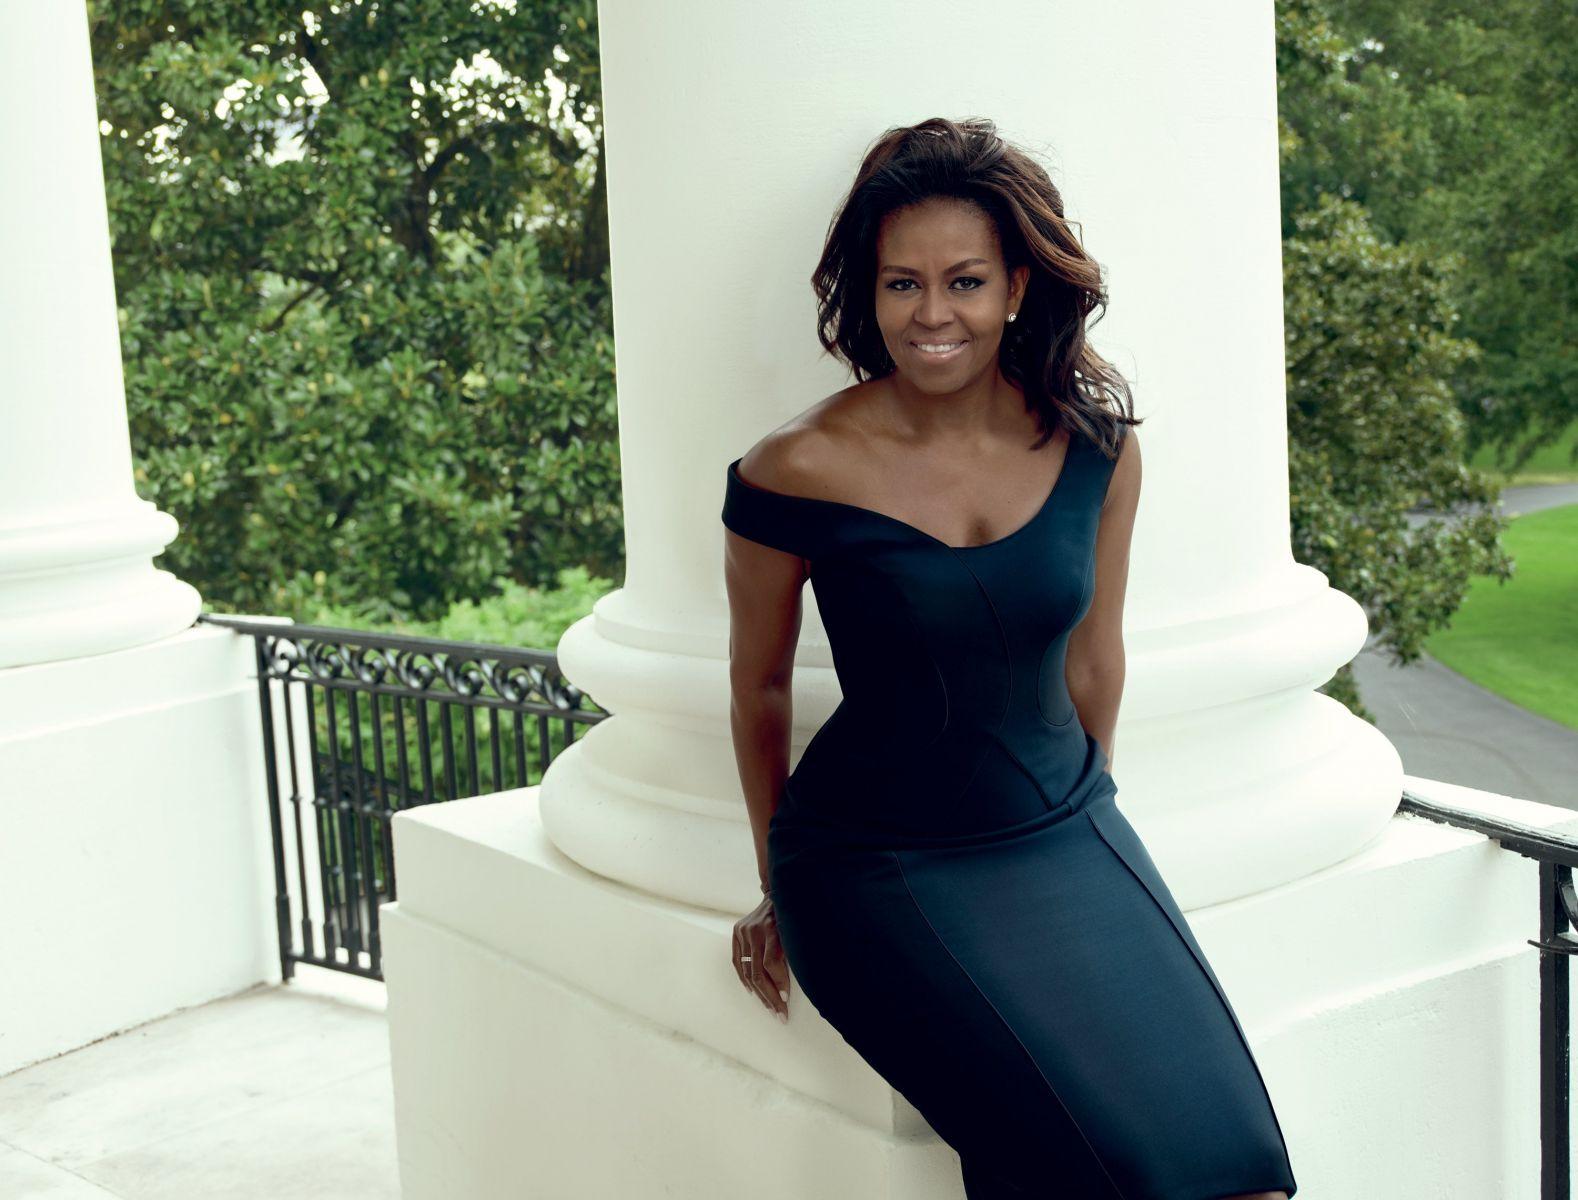 Барак Обама растрогал милым поздравлением Мишель сднем рождения